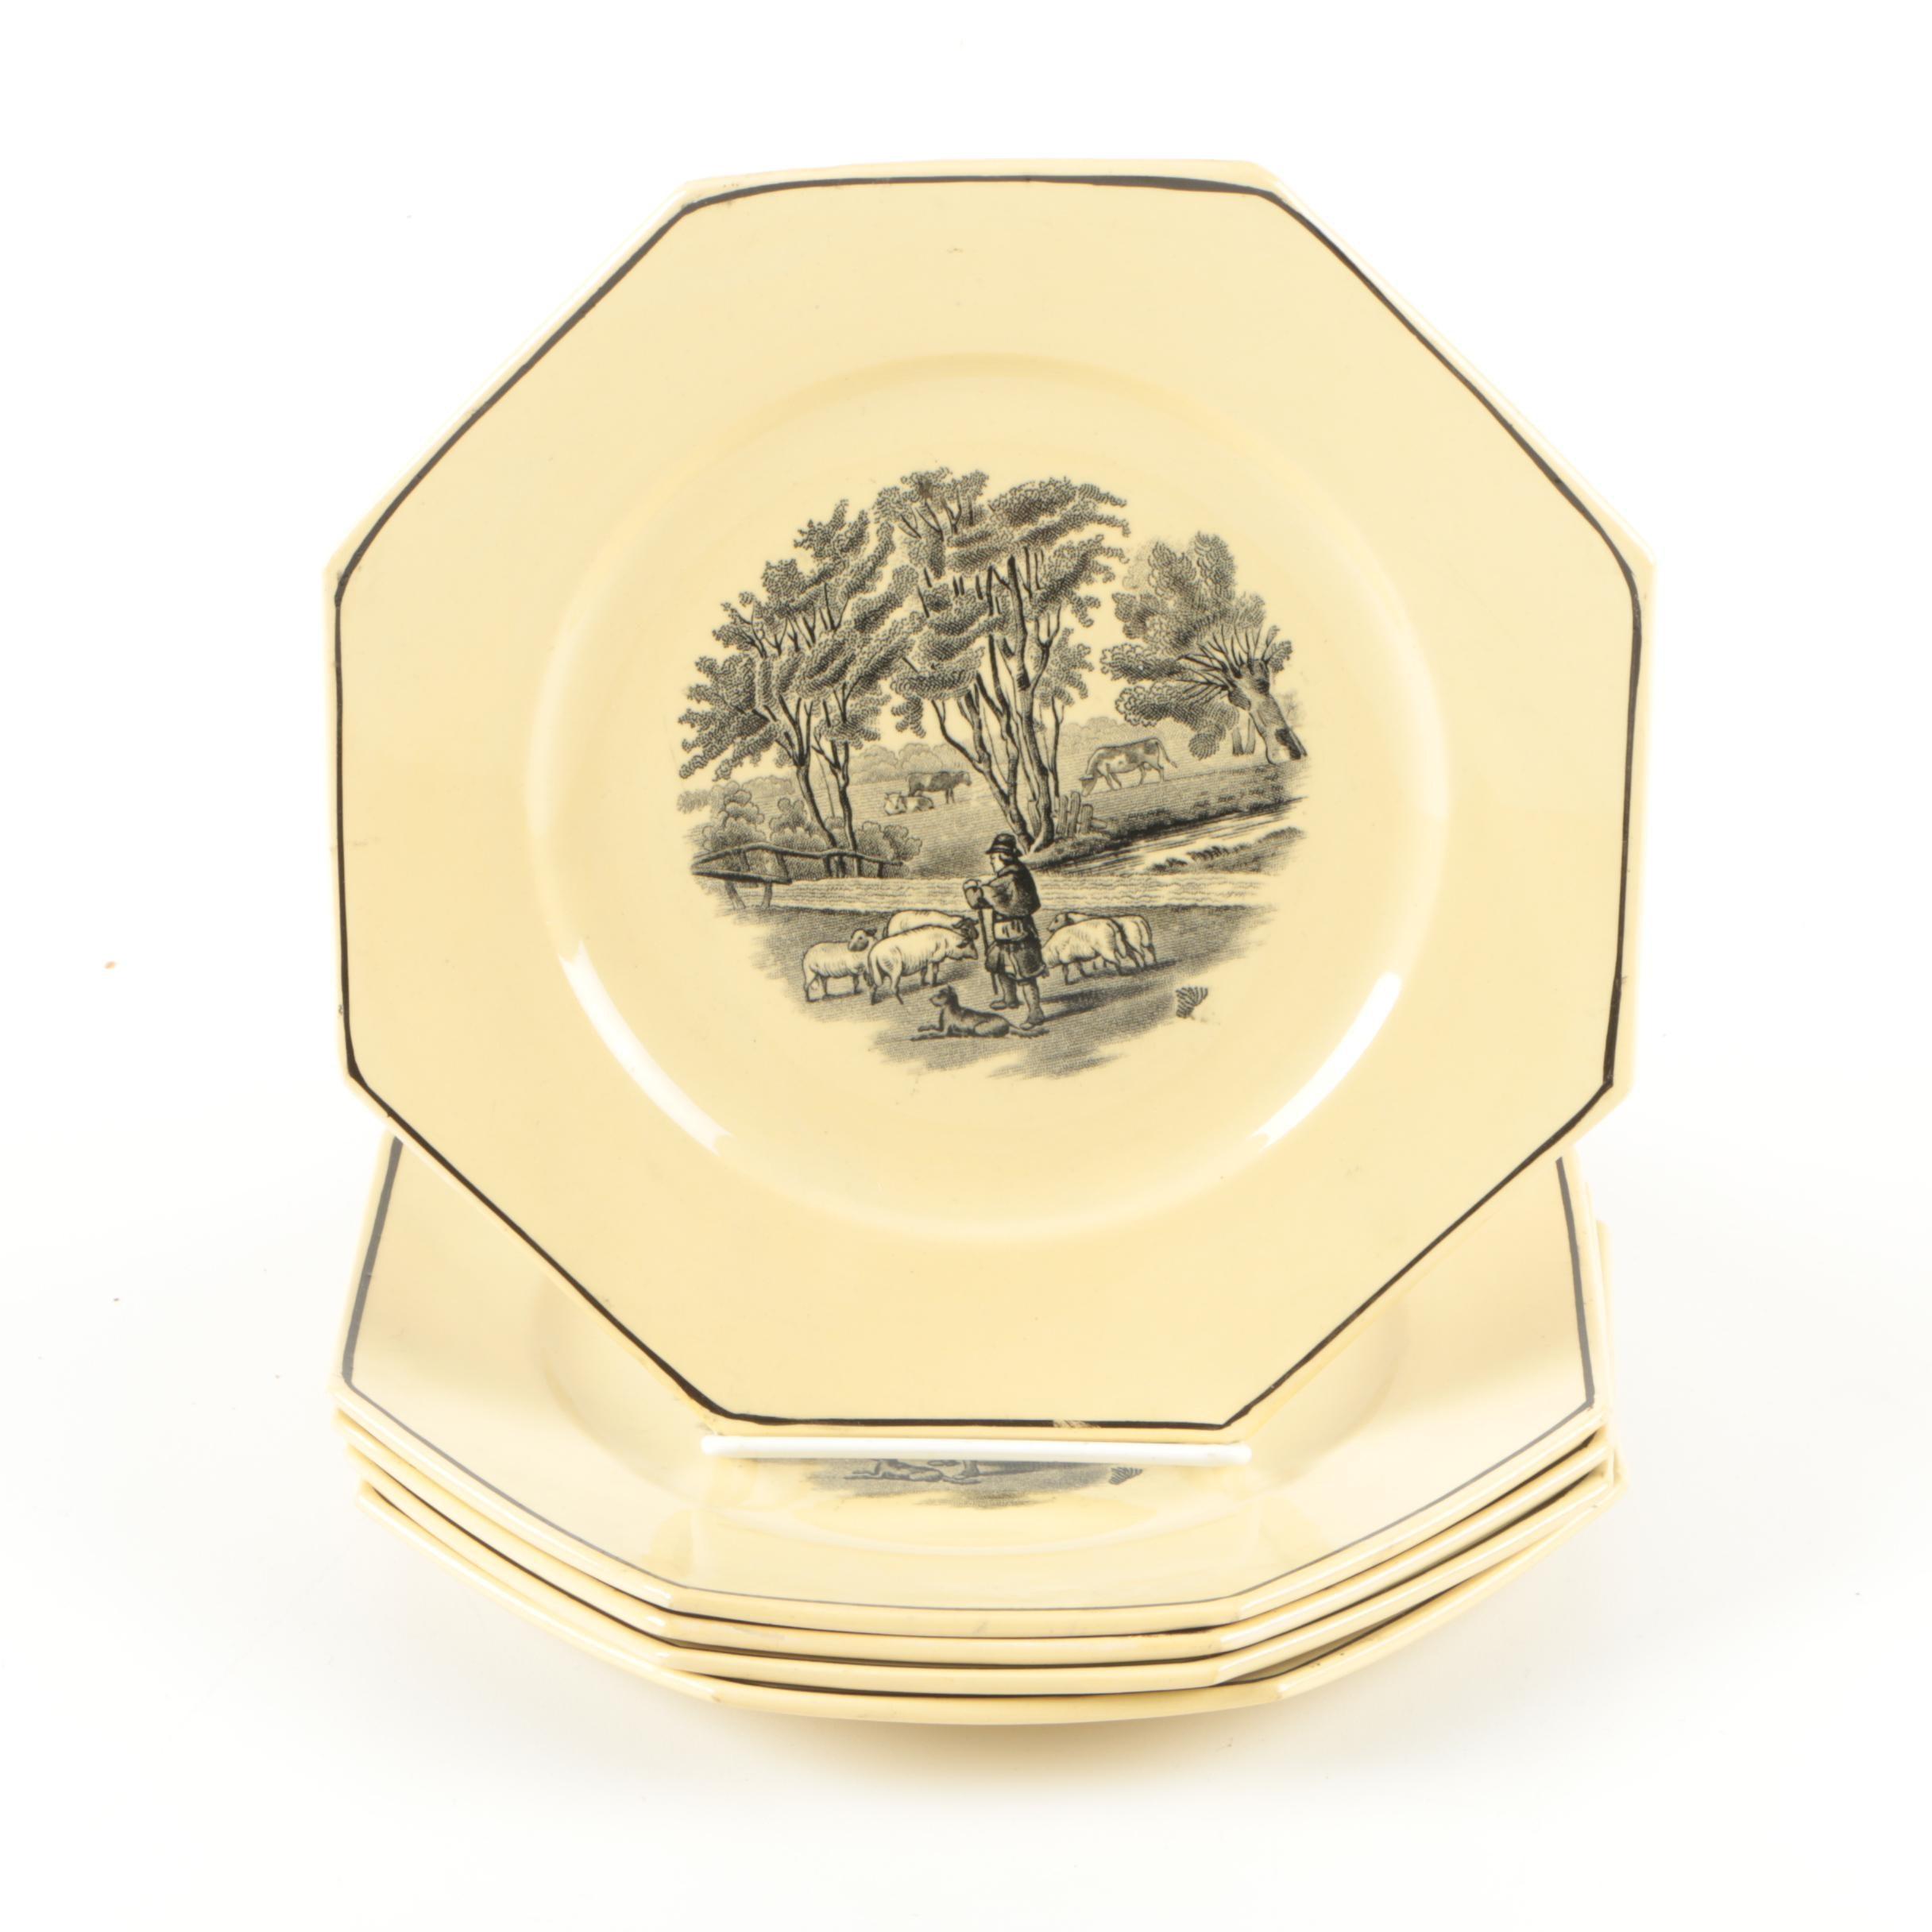 Antique Sarreguemines Octagon Pastoral Plates 1875-1900